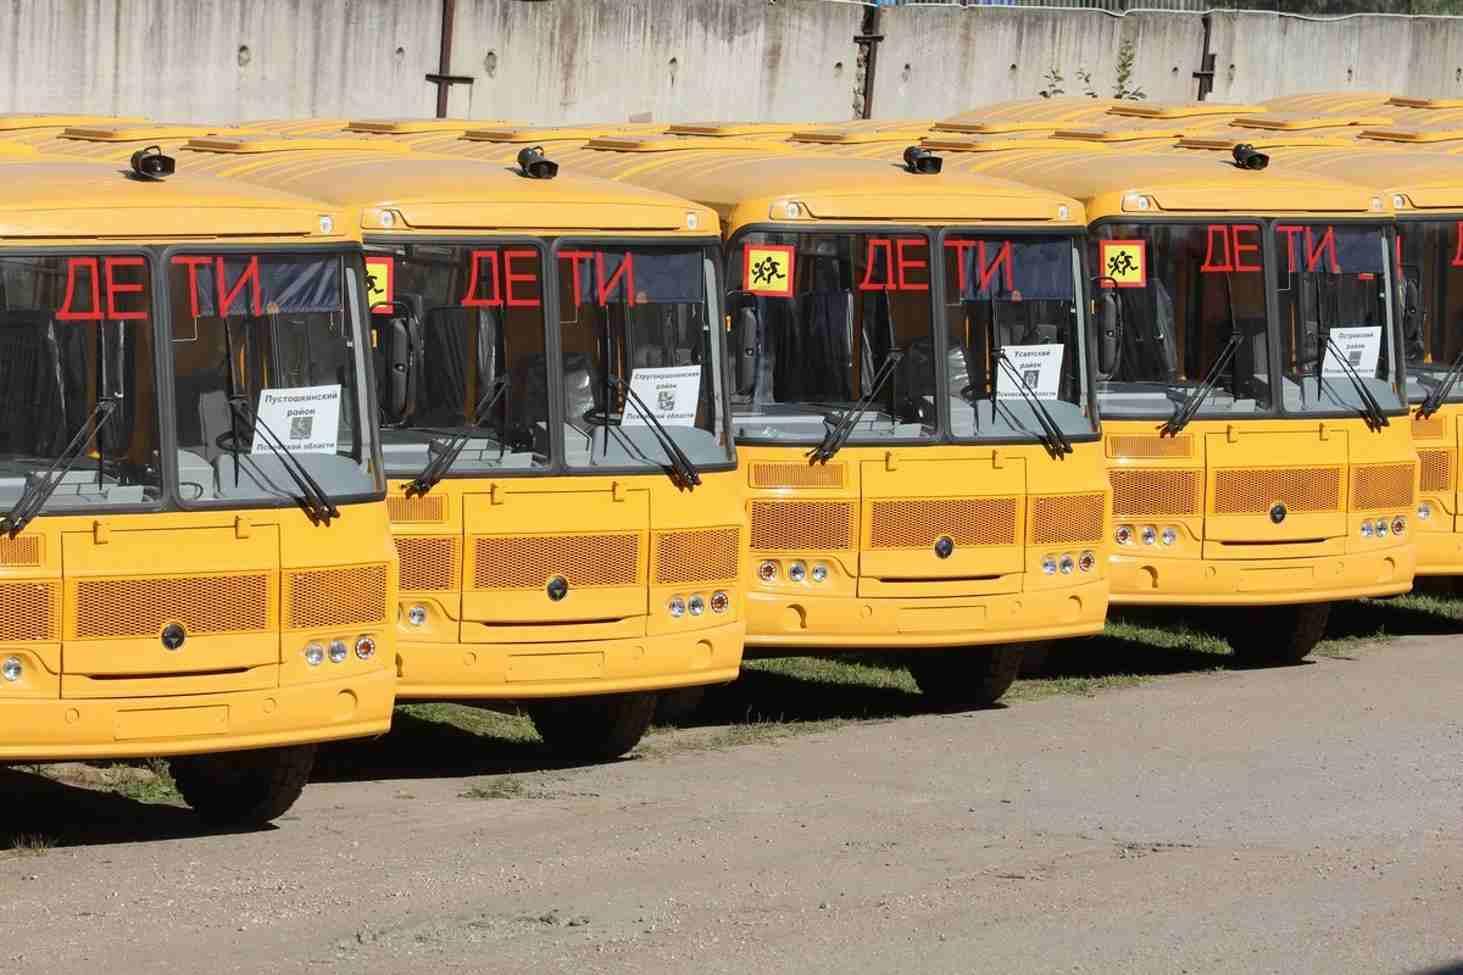 zapret-na-perevozku-detej-v-staryh-avtobusah-otlozhili-do-2020-goda